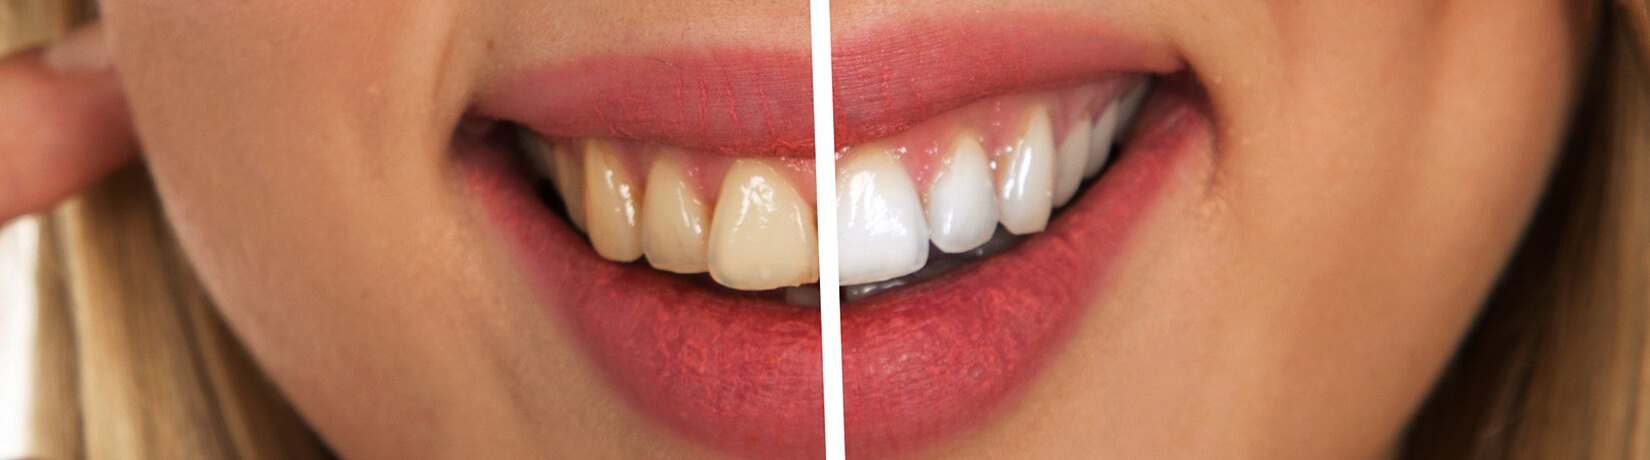 Як уникнути утворення зубного нальоту від кави, чаю та цигарок